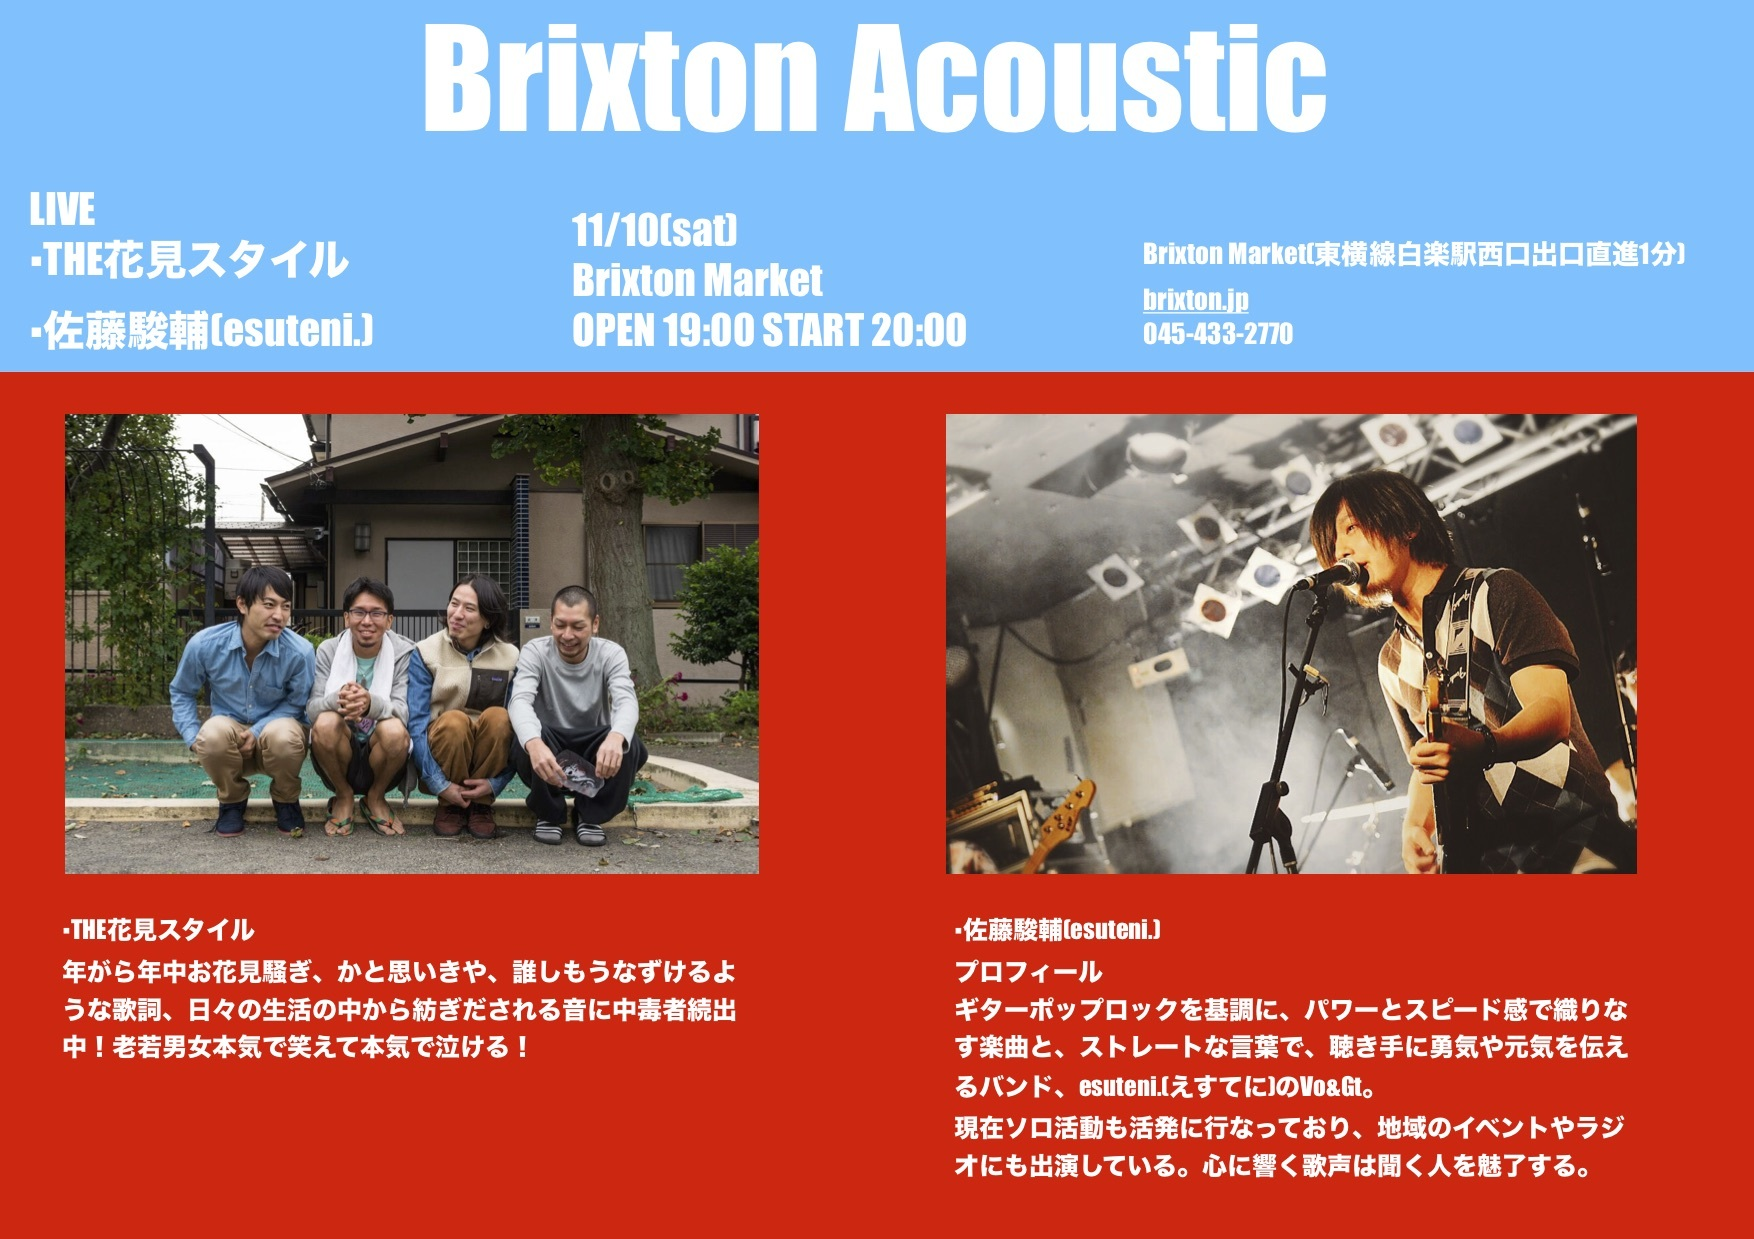 明日はBrixton Acoustic!_d0134311_17242746.jpg